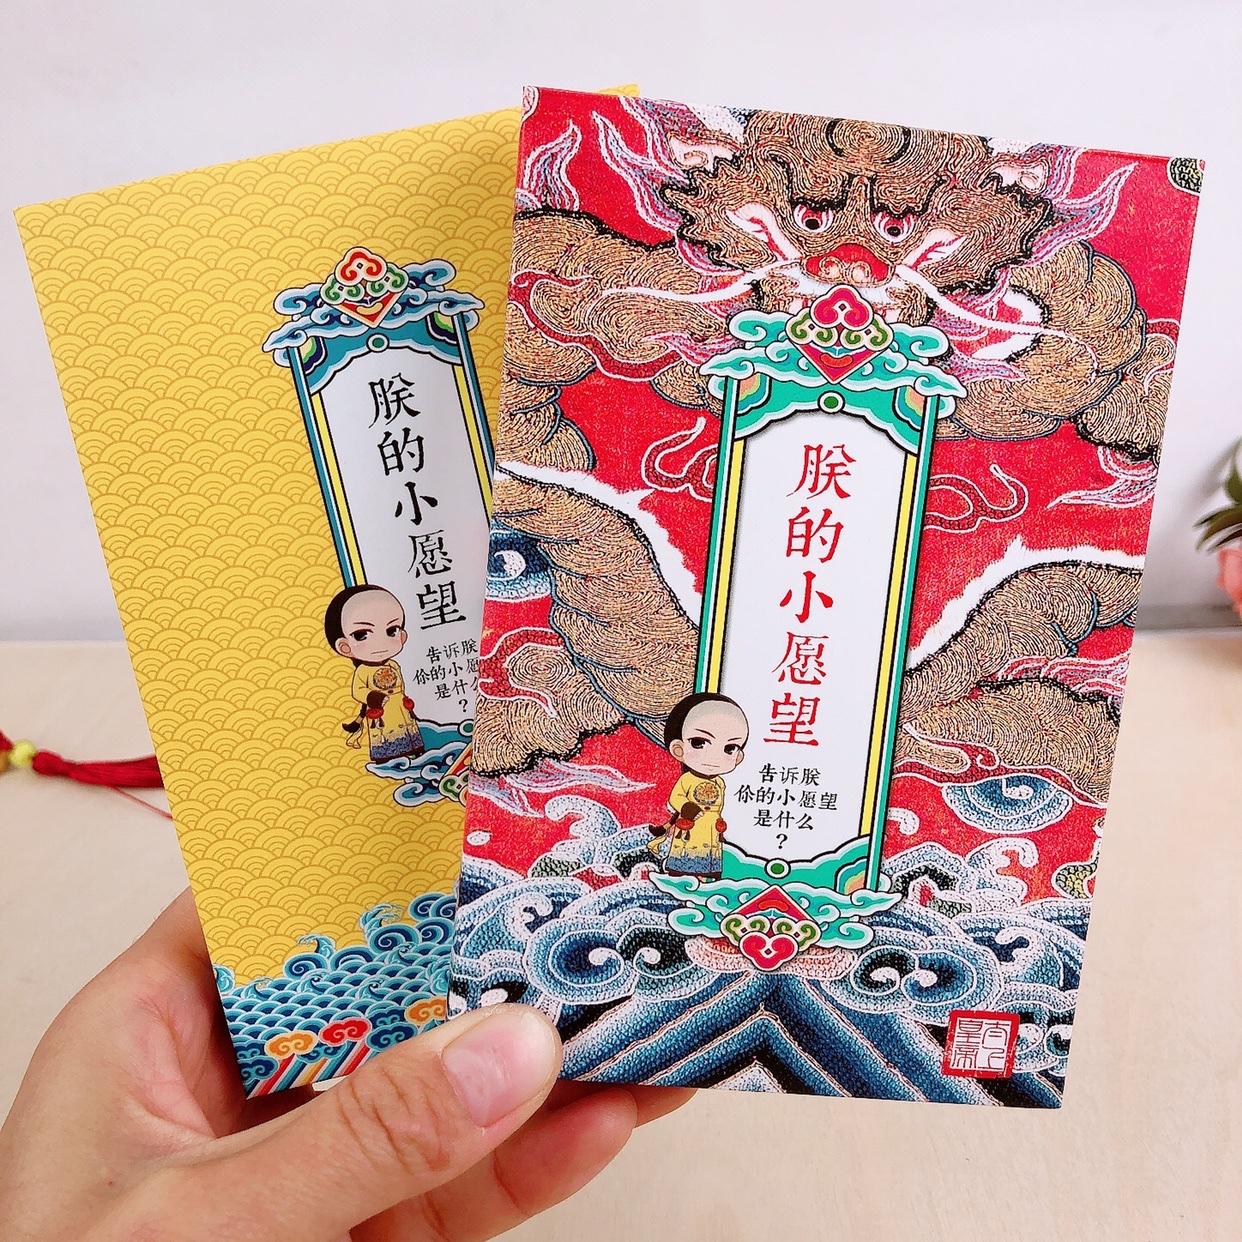 朕的小愿望 30张送学生创意趣味明信片 中国风宫廷元素礼物贺卡片